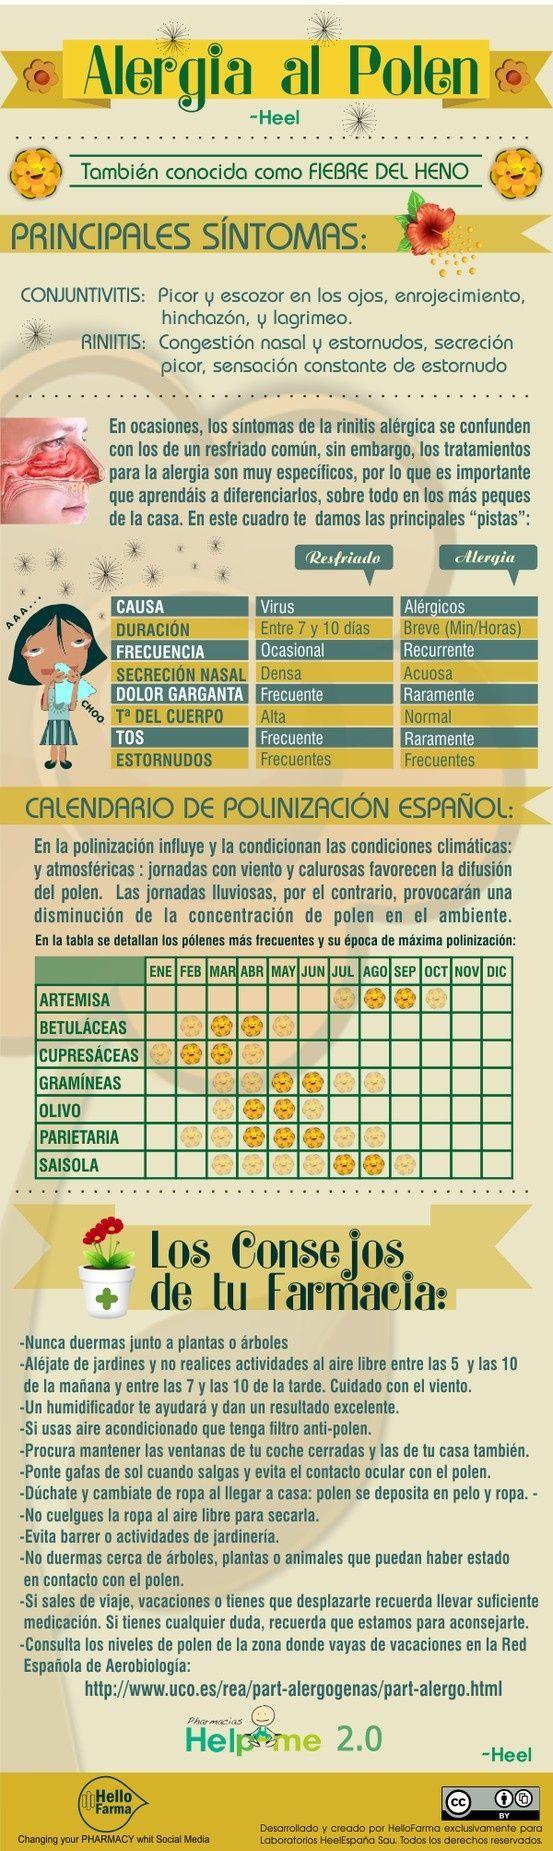 Cómo reconocer y prevenir la alergia al polen. #alergia #infografia